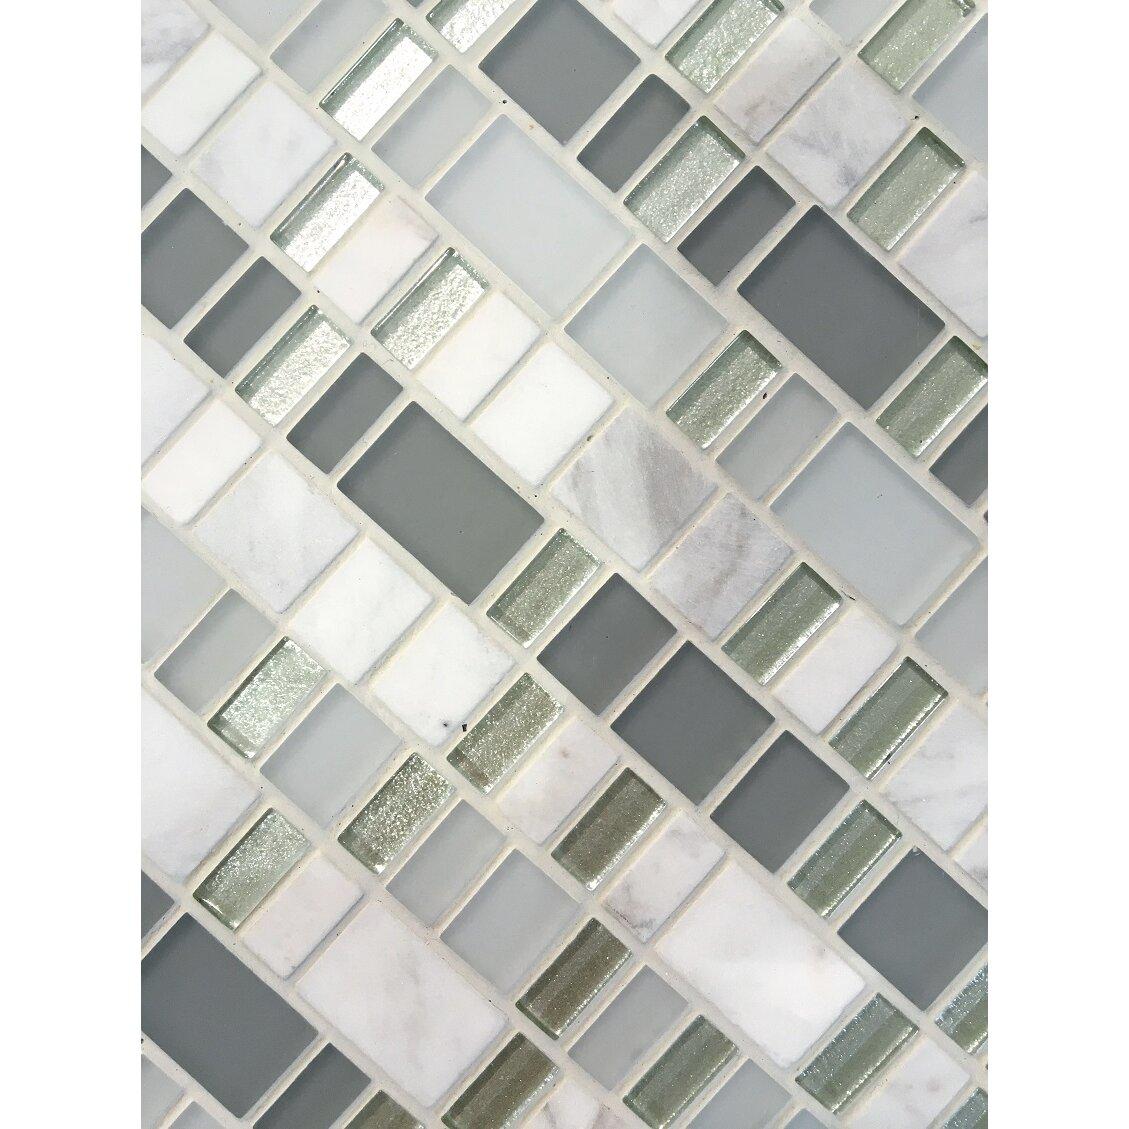 Emser tile unique 12 x 12 glass and stone blend mosaic for Unique mosaic tile